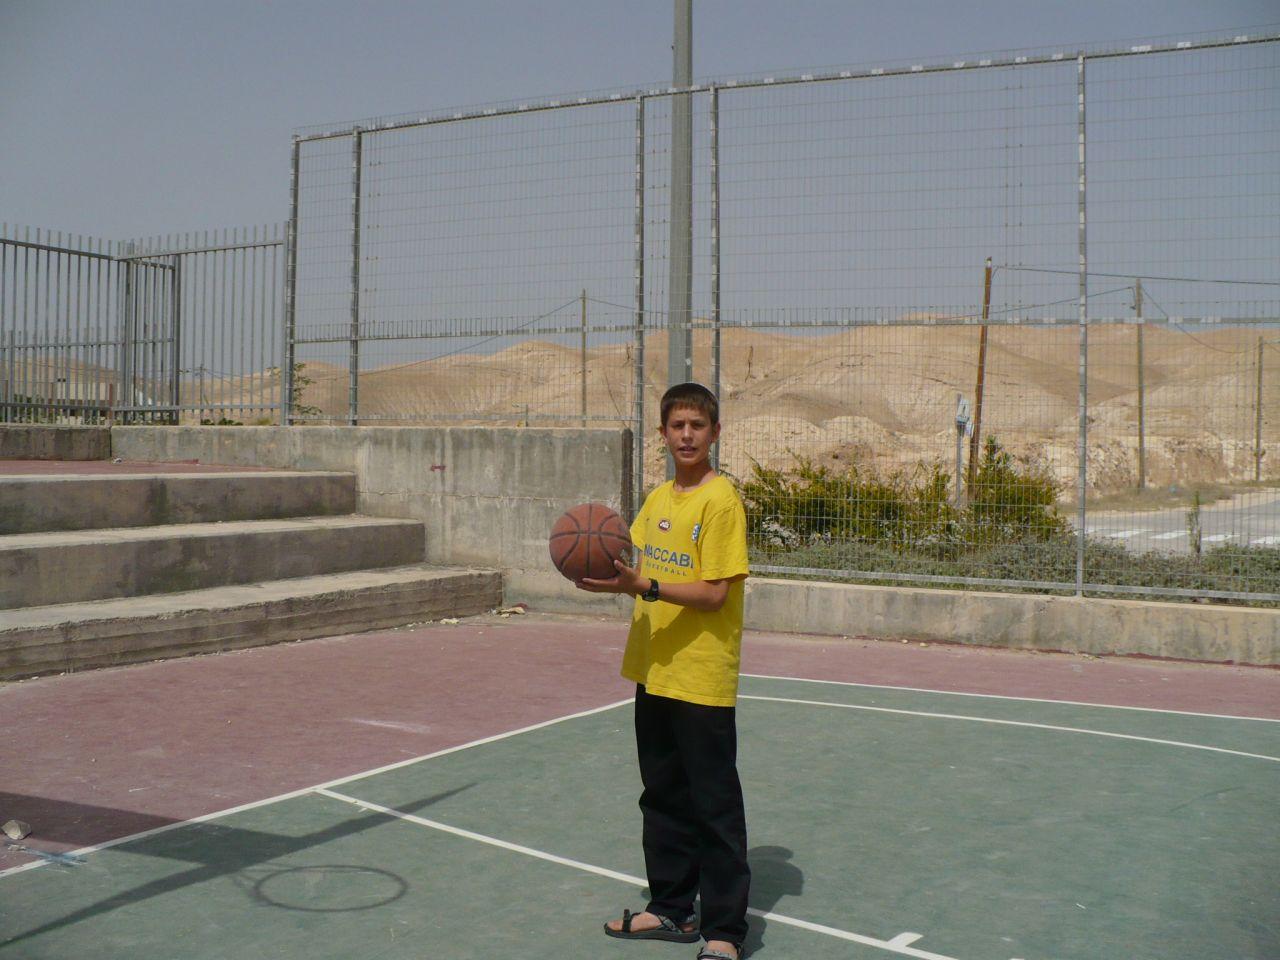 קיץ תשסז ישי בן 12 שחקן כדורסל מצטיין